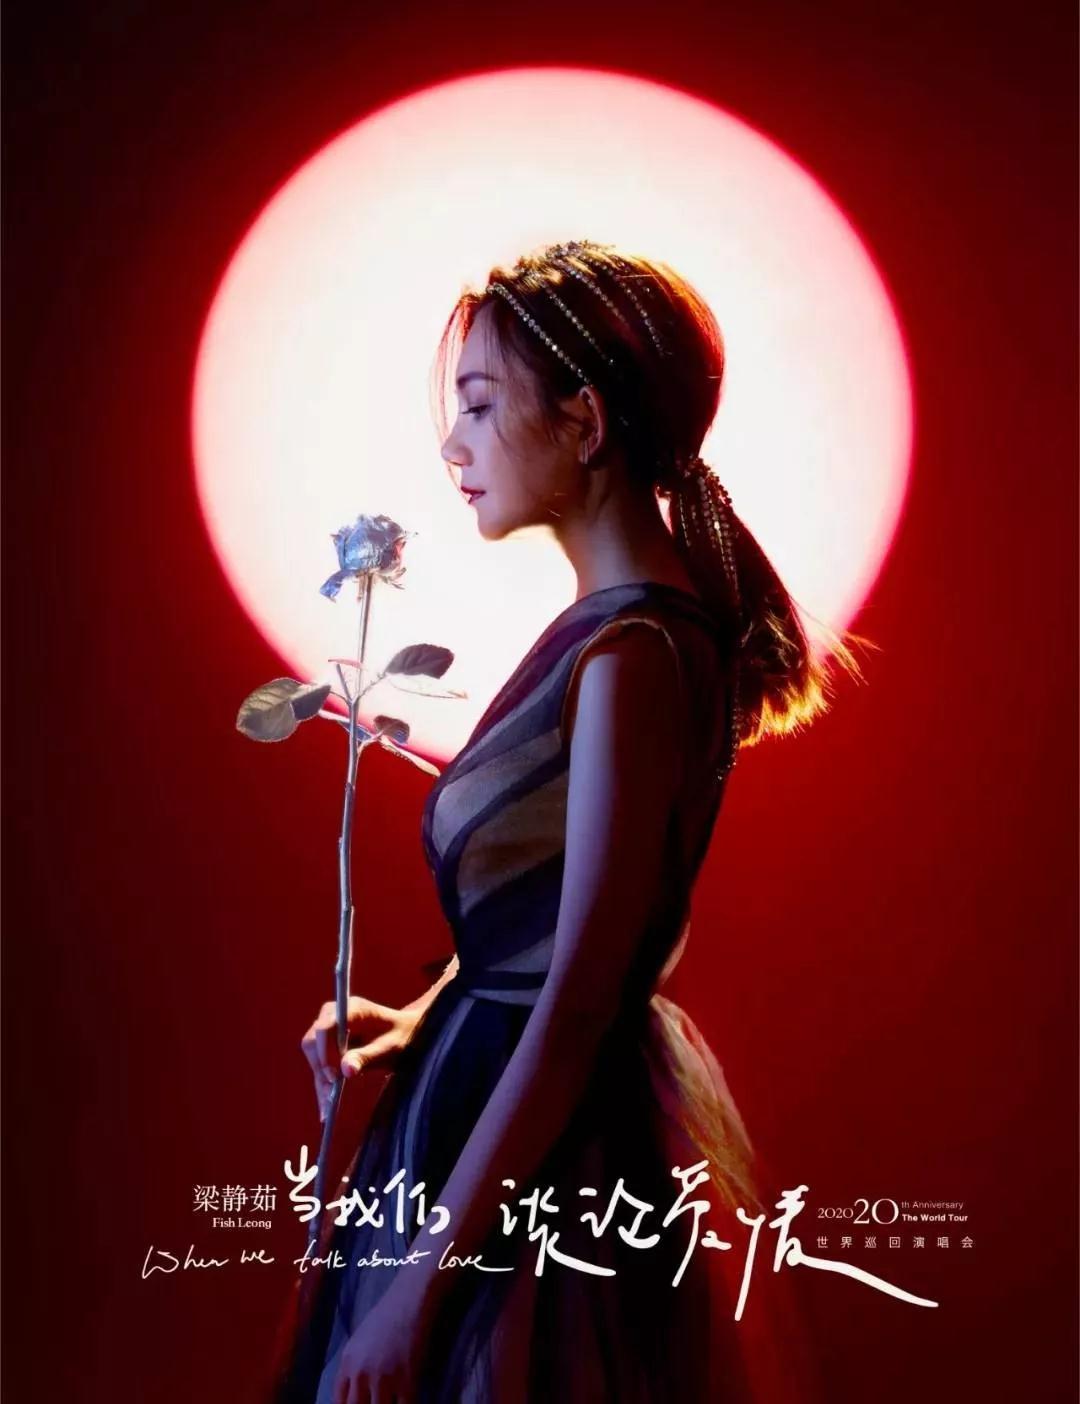 梁静茹福州演唱会2020门票开售时间(附购票网址+演出安排)